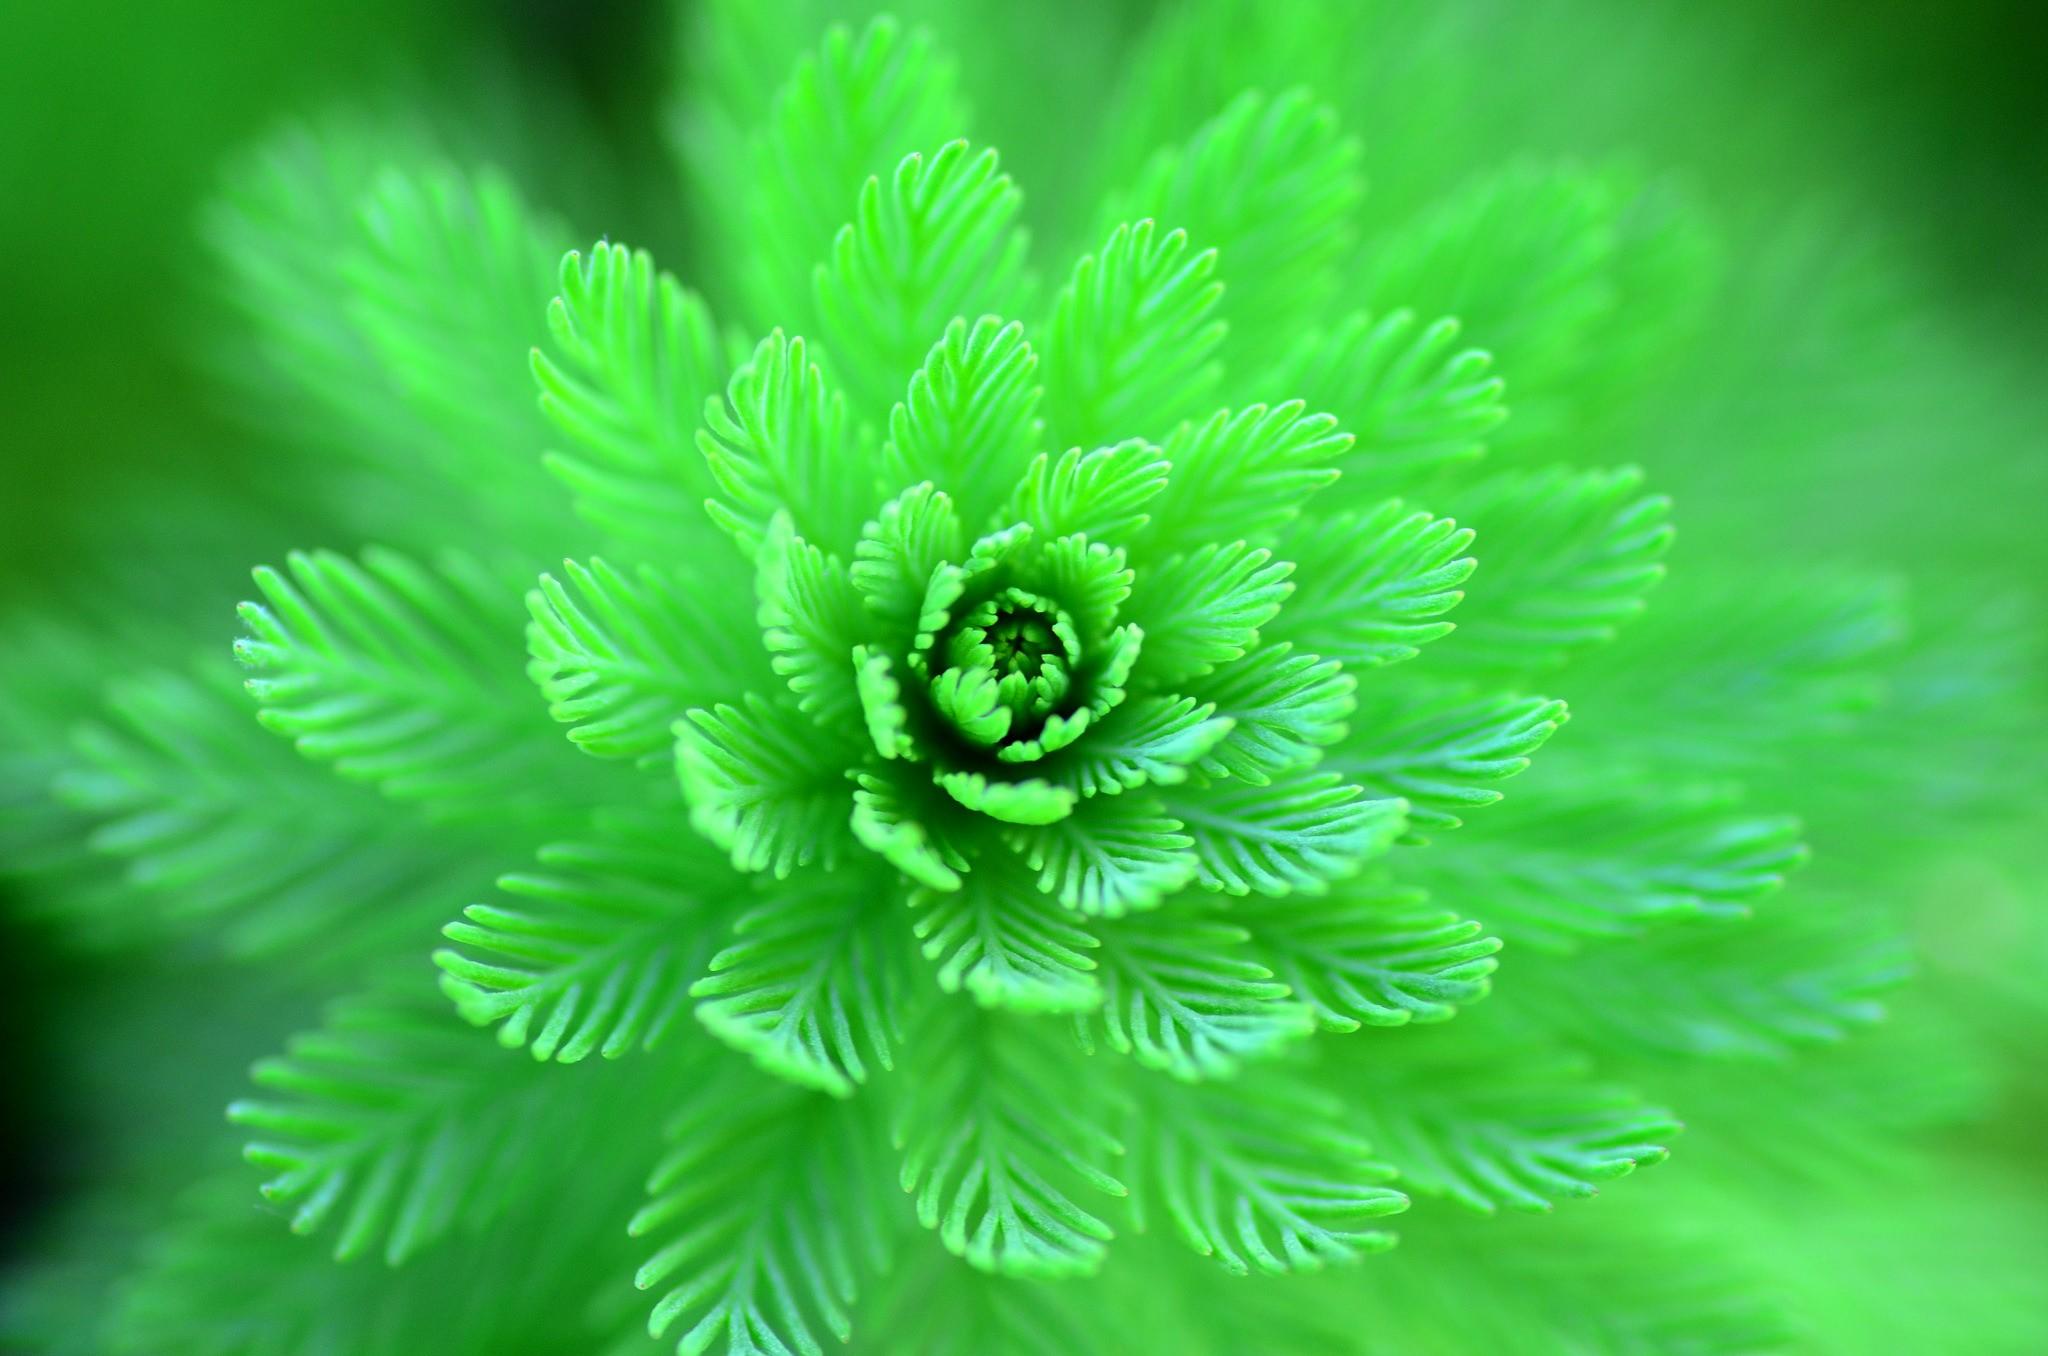 красивые зеленые фотки процессе